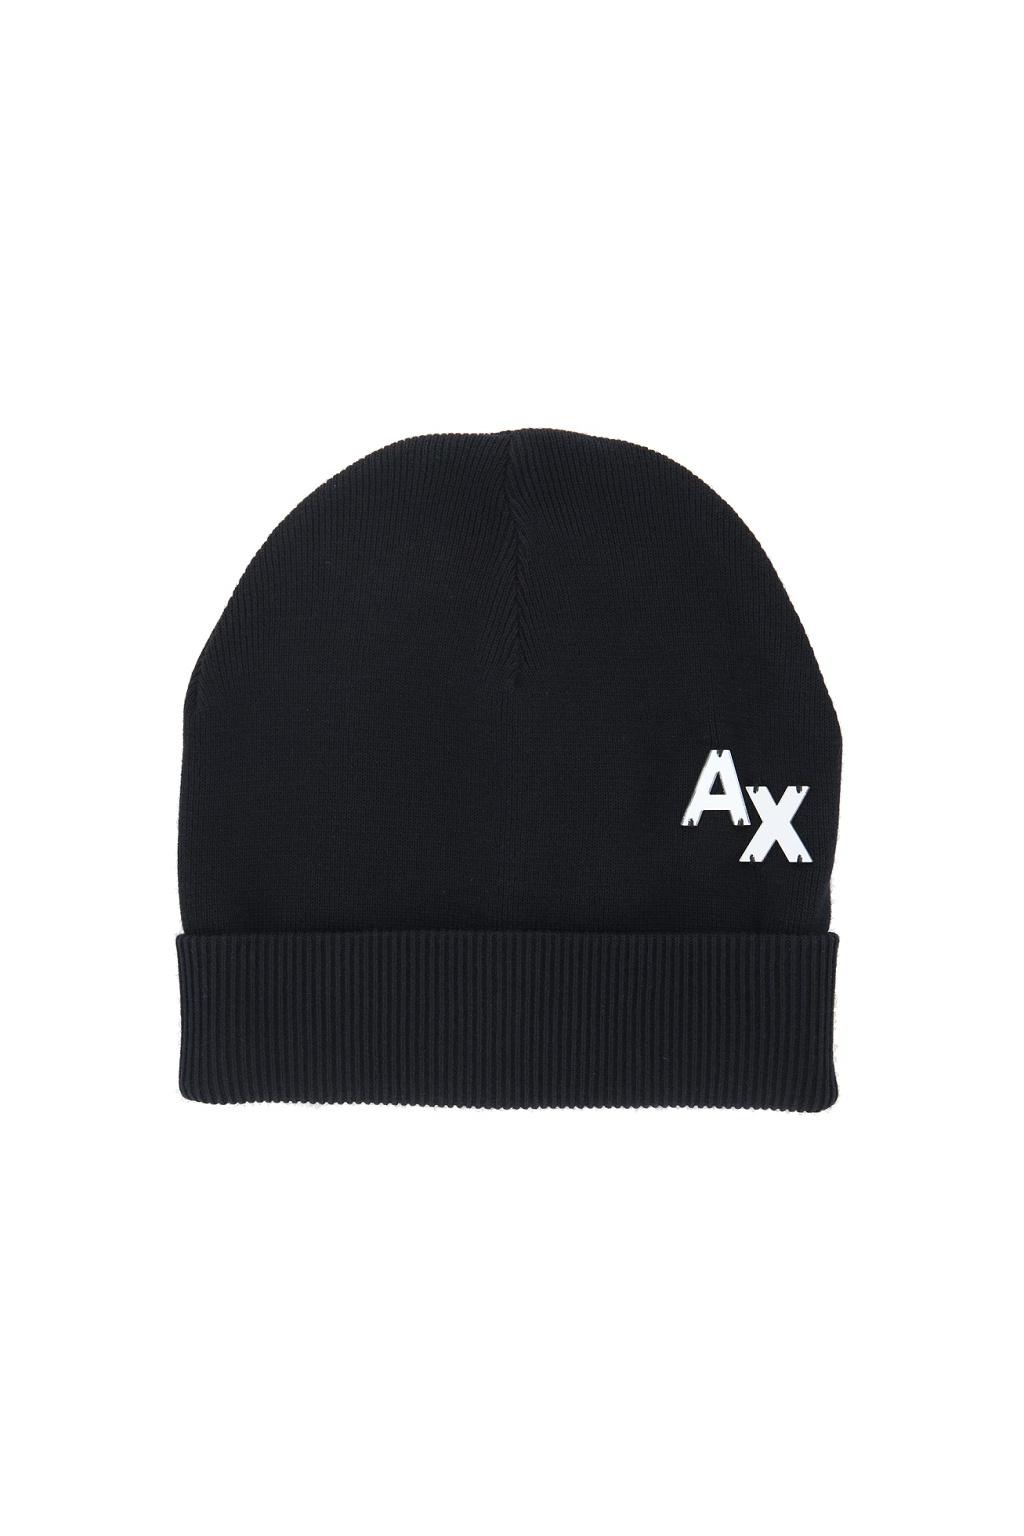 6HY41F YME2Z Dámská čepice Armani Exchange černá